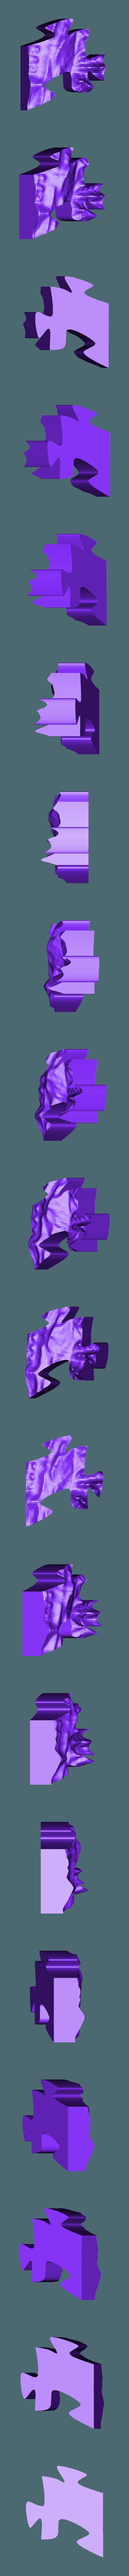 03.stl Télécharger fichier STL gratuit Echelle épique - Terrain - Zion NP • Objet à imprimer en 3D, TCP491016